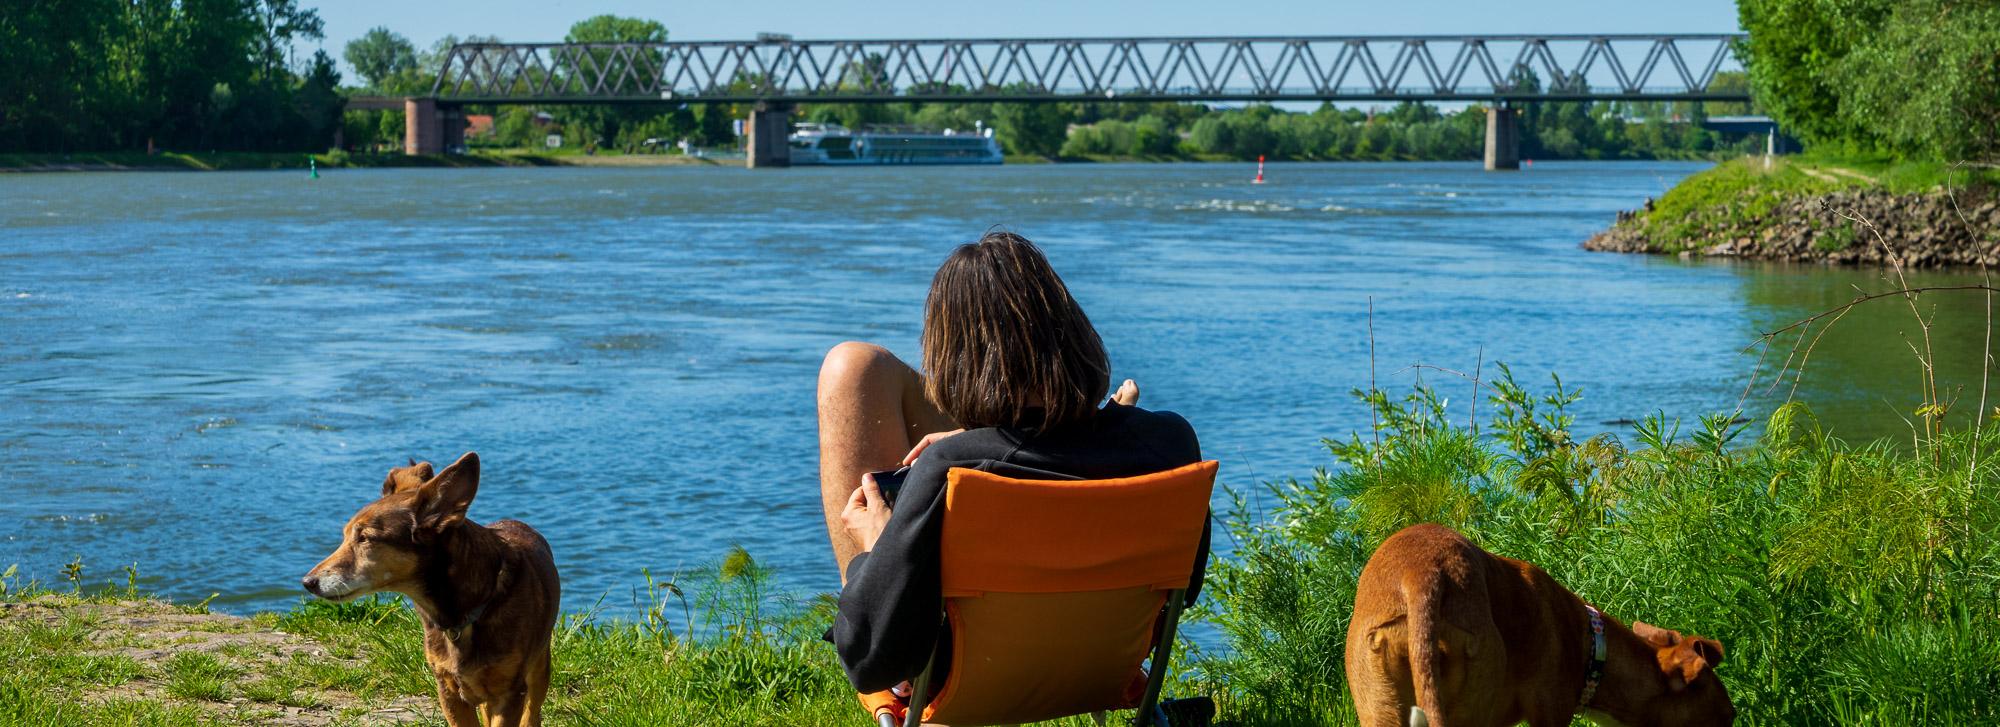 Wohnmobil Deutschland - Reiseblog und Reiseberichte